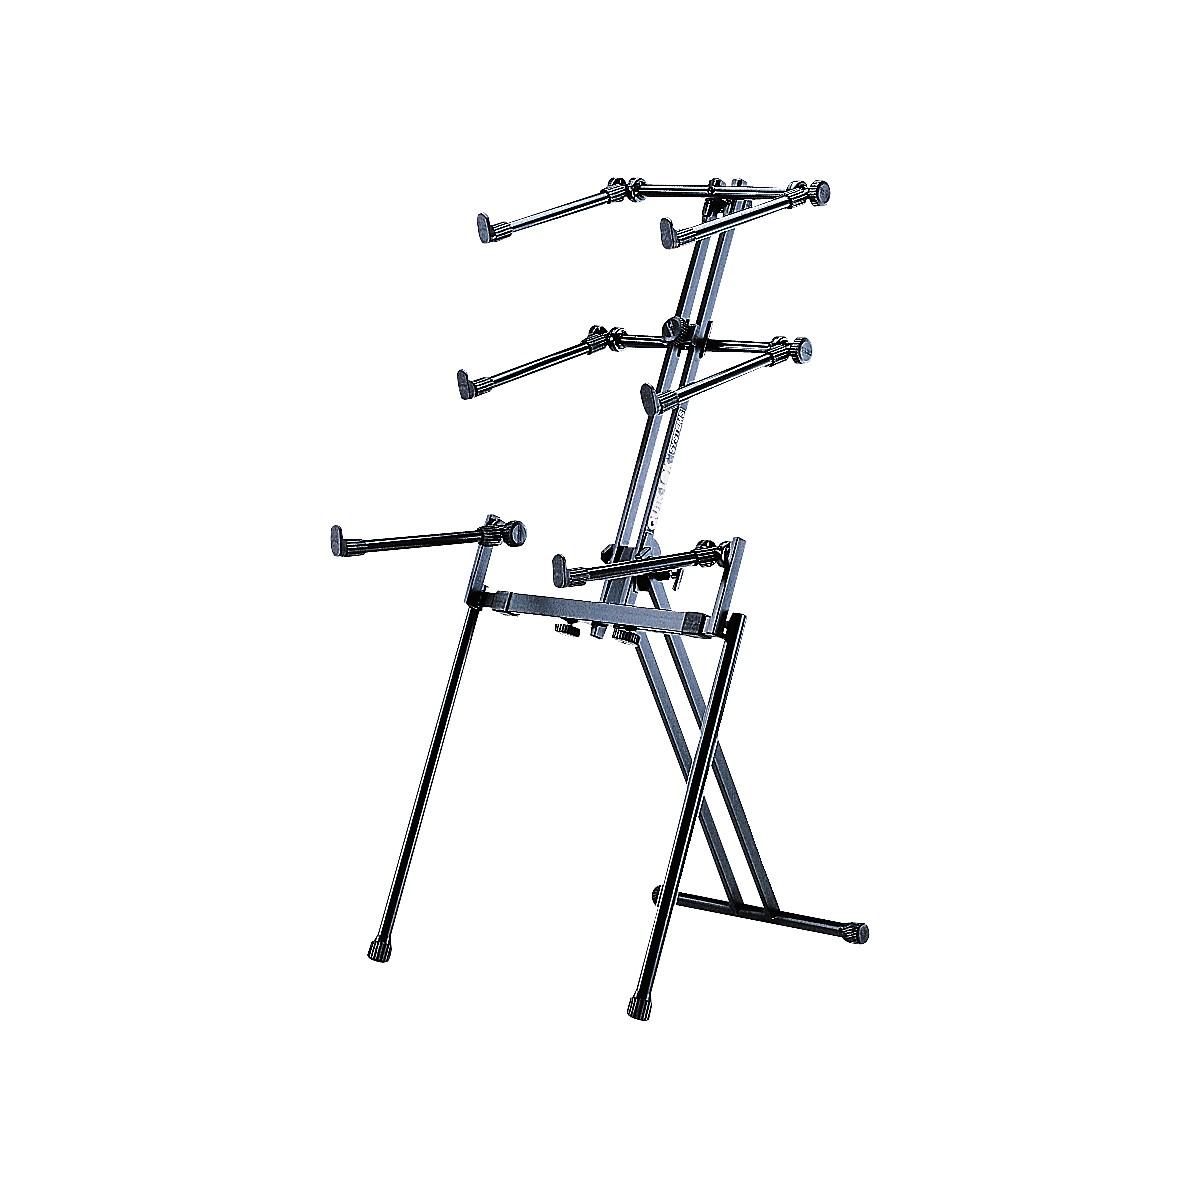 Quik-Lok QL-699 3-Tier Stand